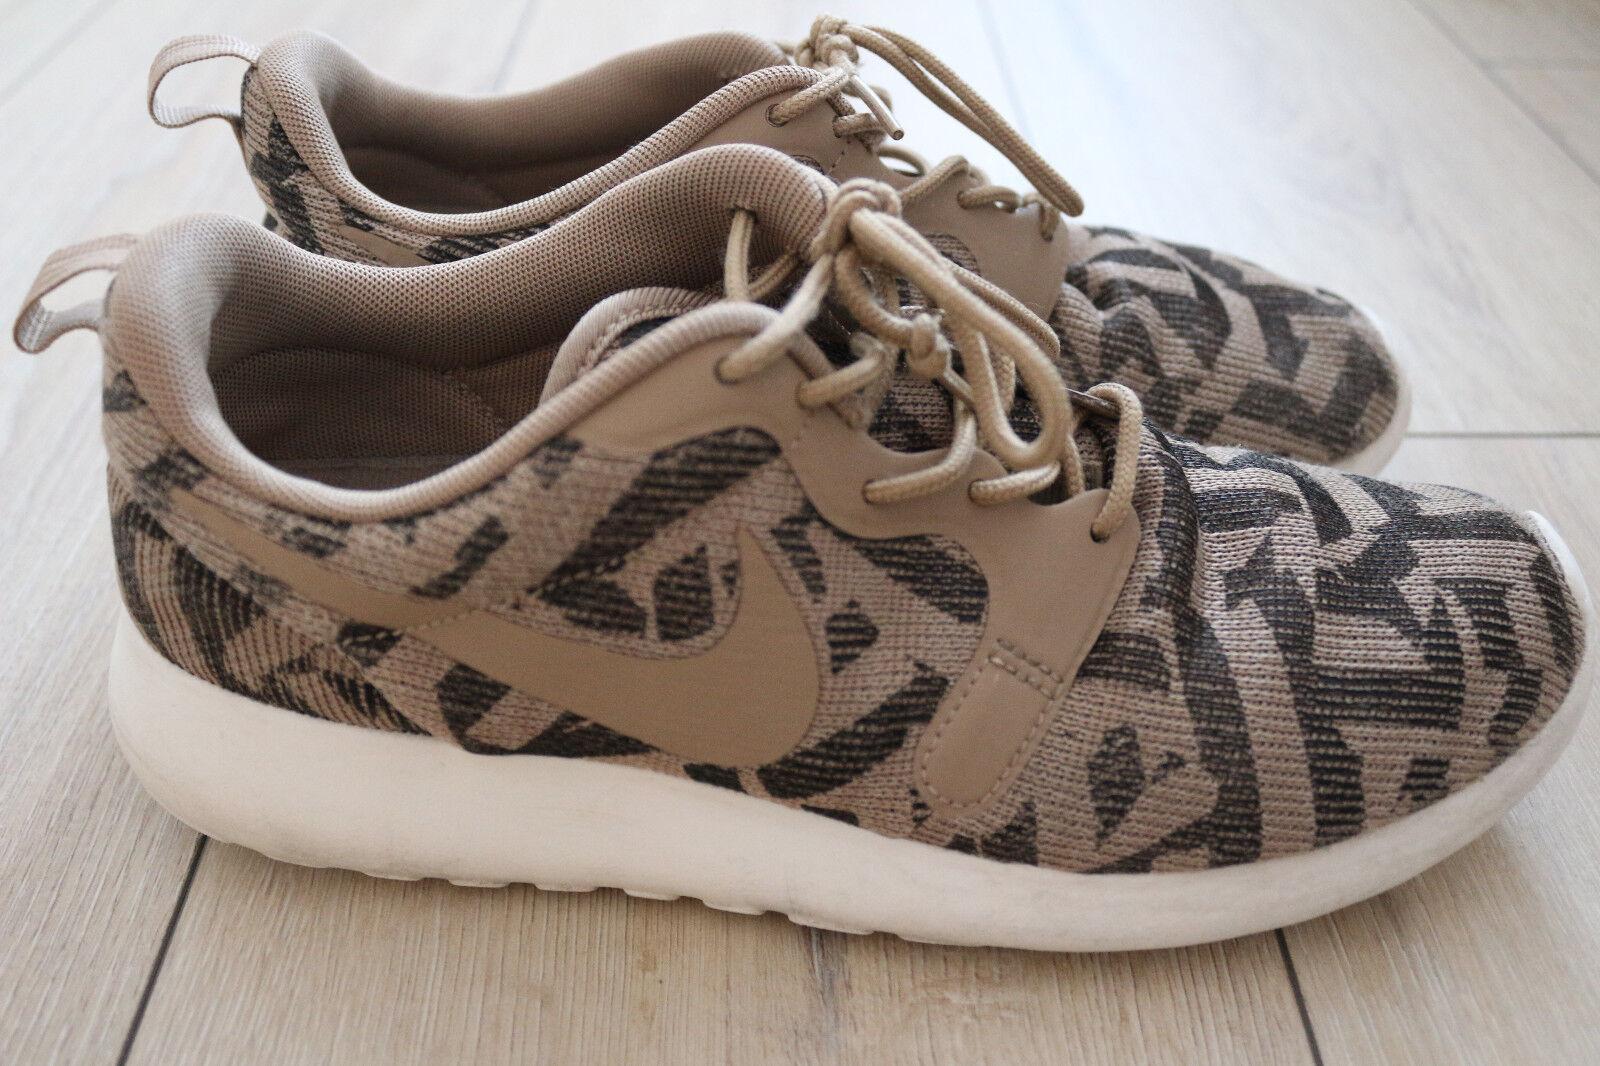 Nike WMNS Roshe One JCRD Damen Fitness Sneaker Running Walking Sportschuhe Gr.40